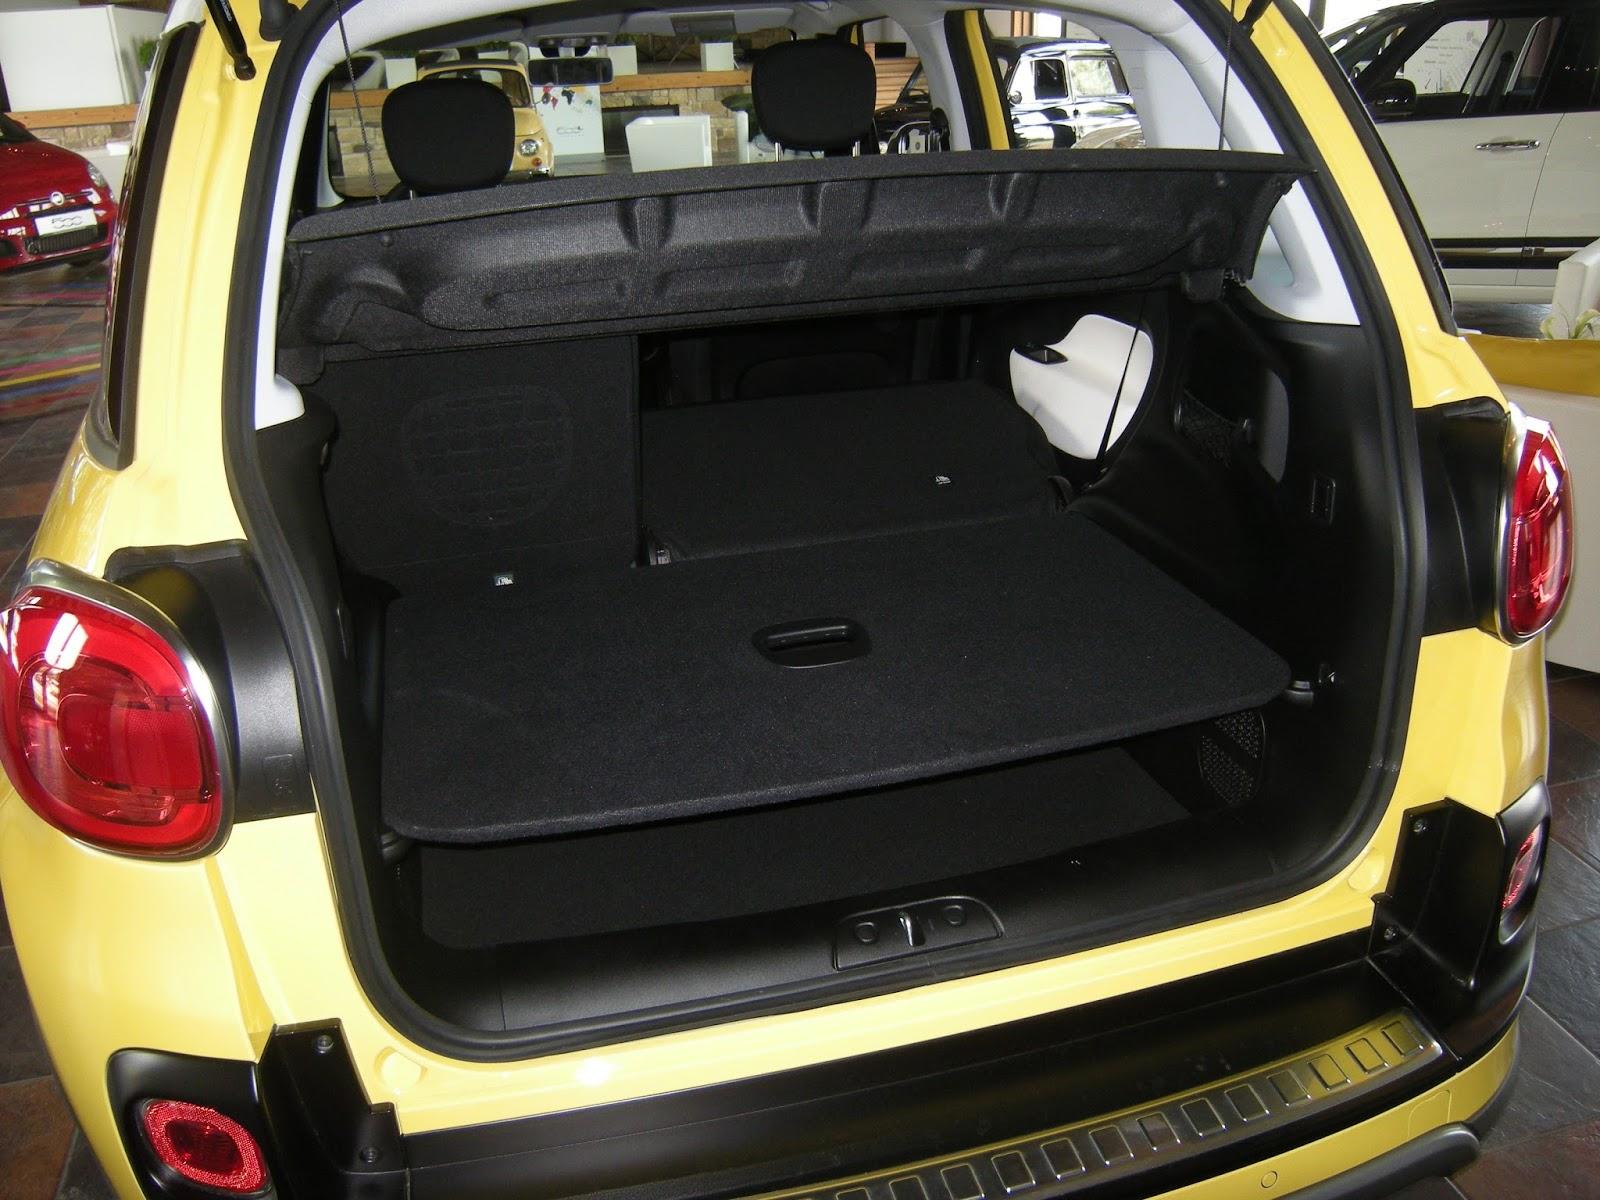 der fiat 500l kommt auch auf unbefestigten terrain sicher. Black Bedroom Furniture Sets. Home Design Ideas